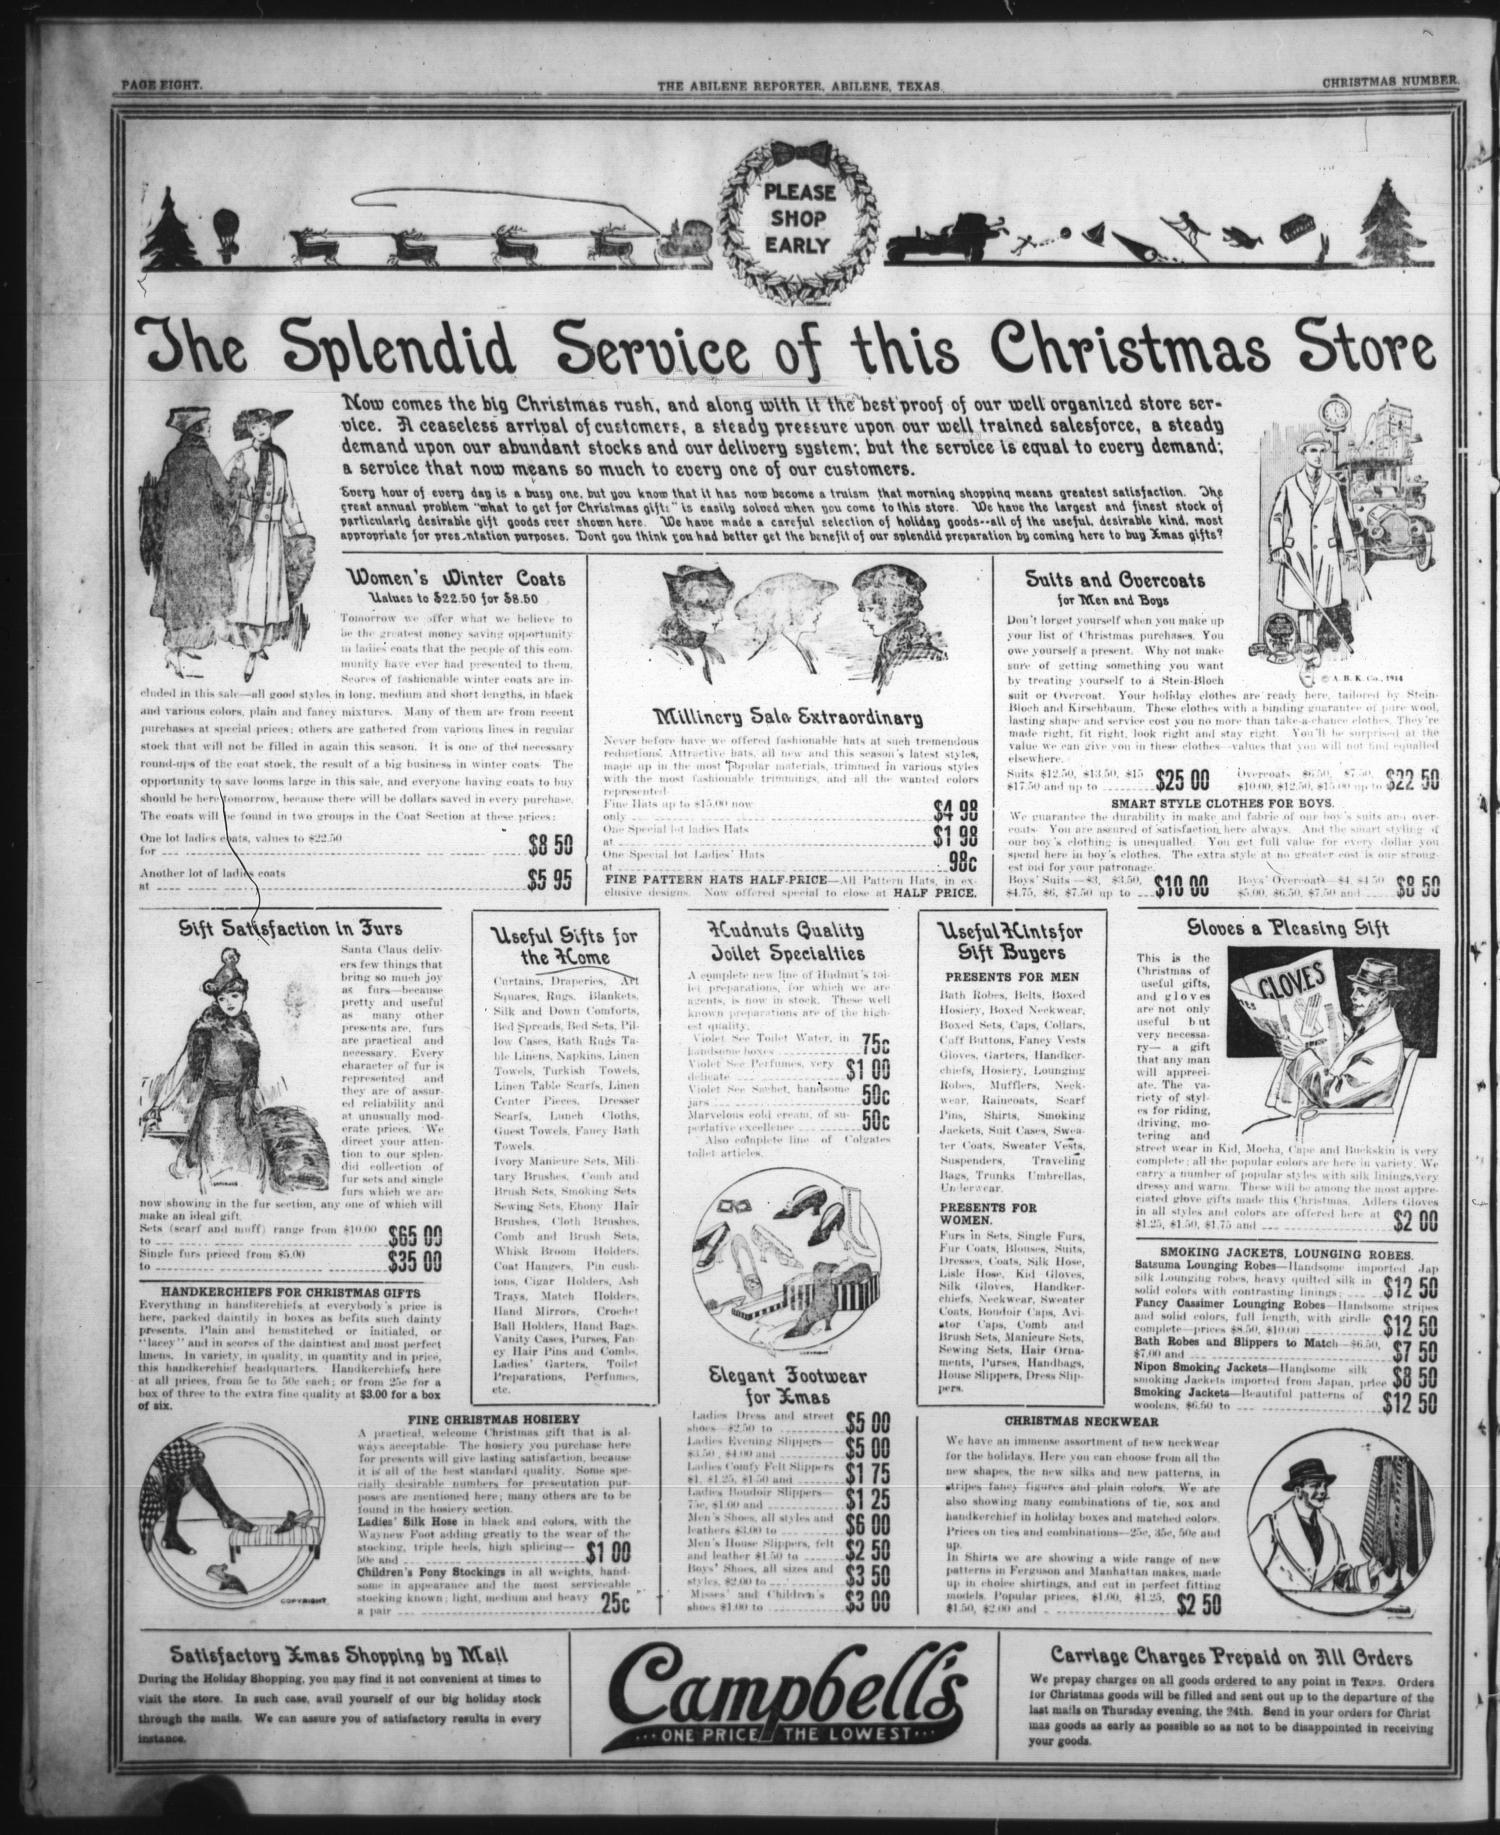 The Abilene Semi-Weekly Reporter (Abilene, Tex.), Vol. 6, No. 248 ...